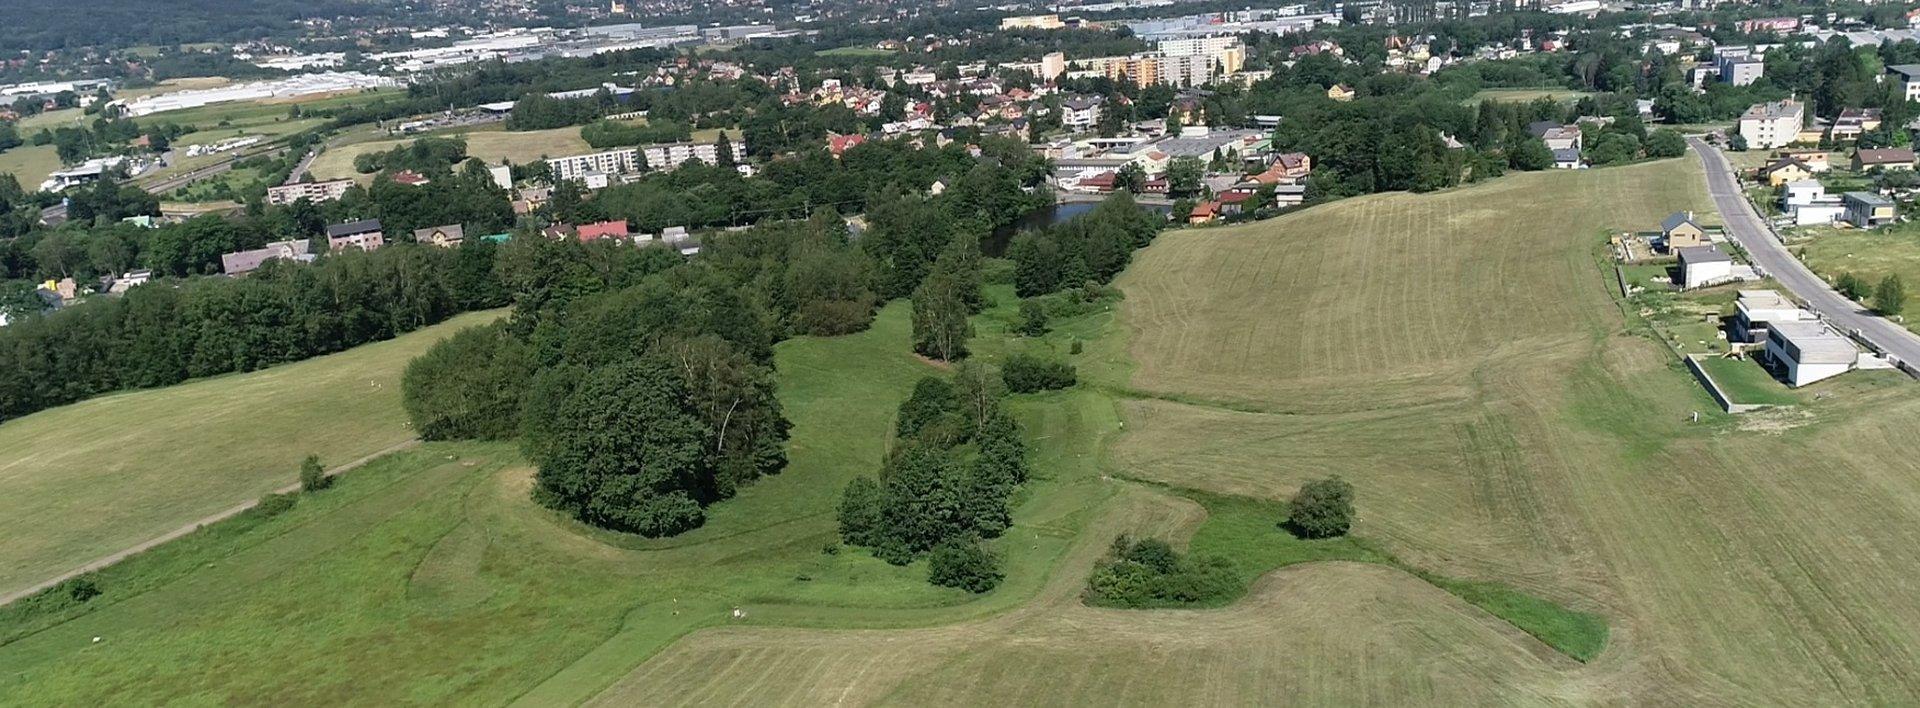 Nabízíme na prodej 20 000 m2 pozemků pro rezidenční výstavbu dle platného ÚP, Ev.č.: N49002